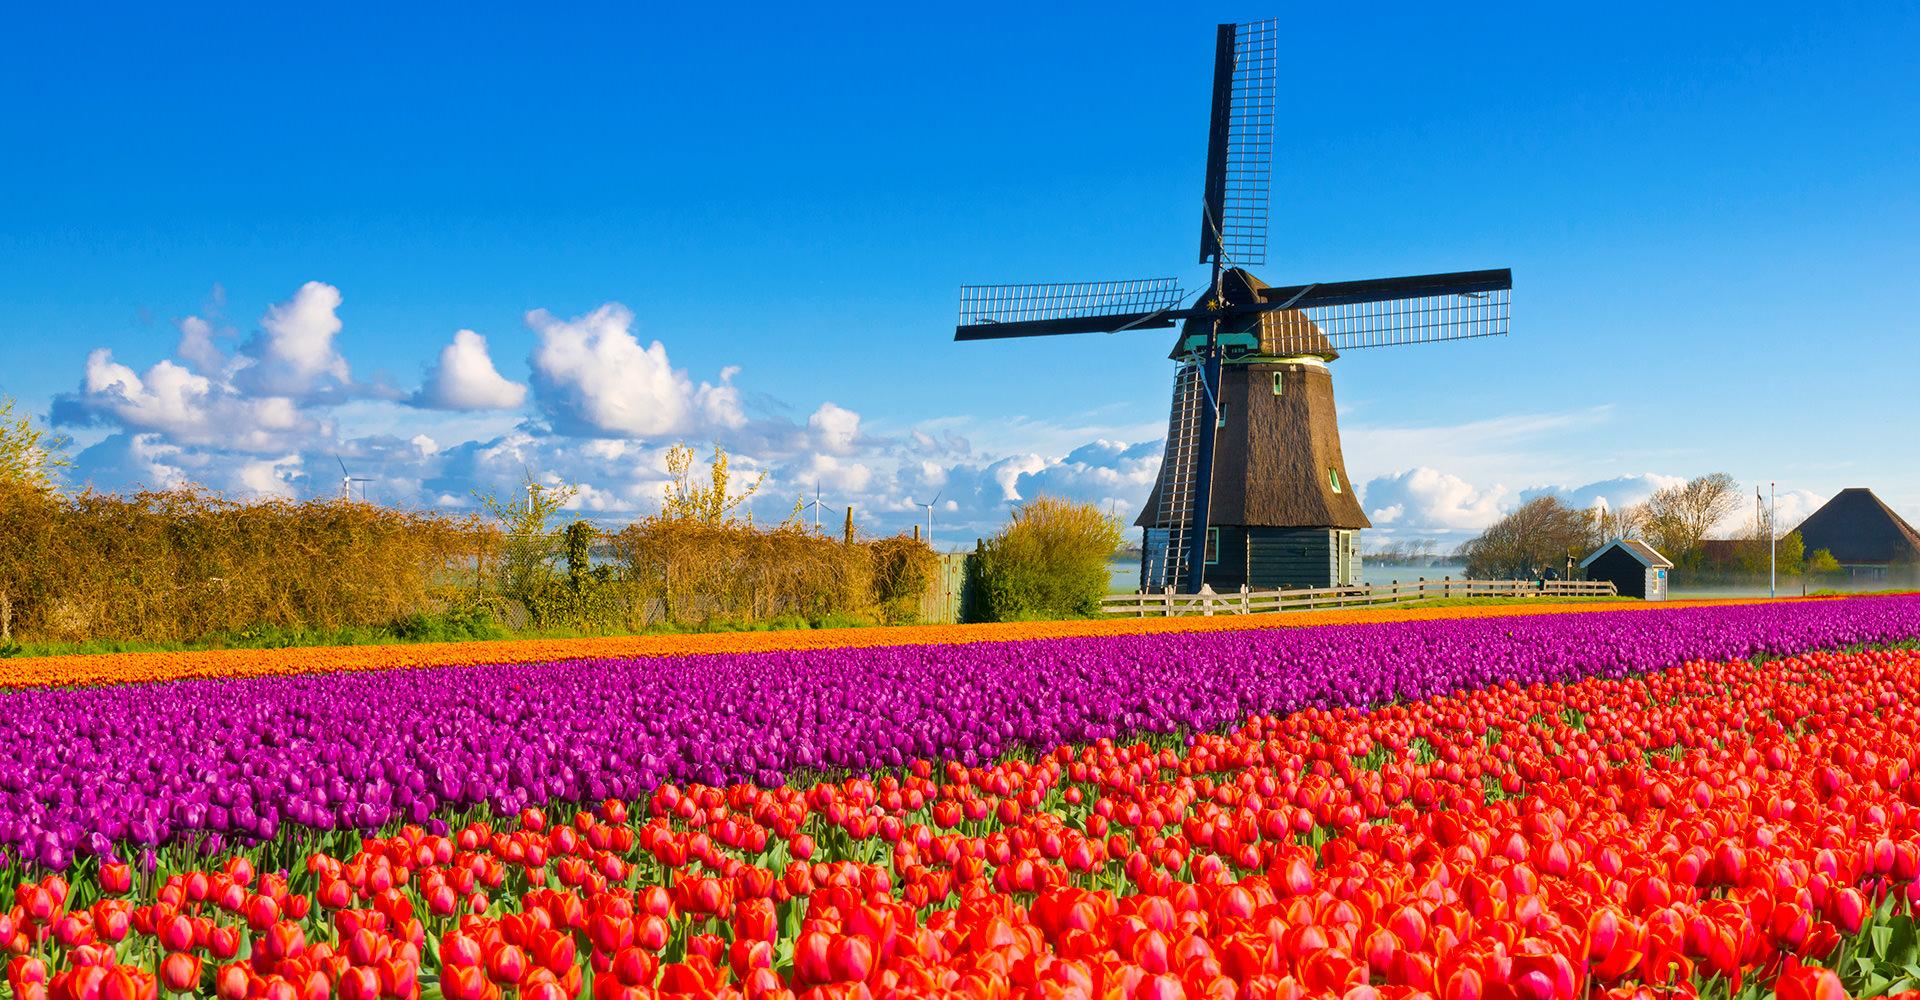 オランダの観光&旅行スポット21選!運河や美術館など人気の見所を網羅!